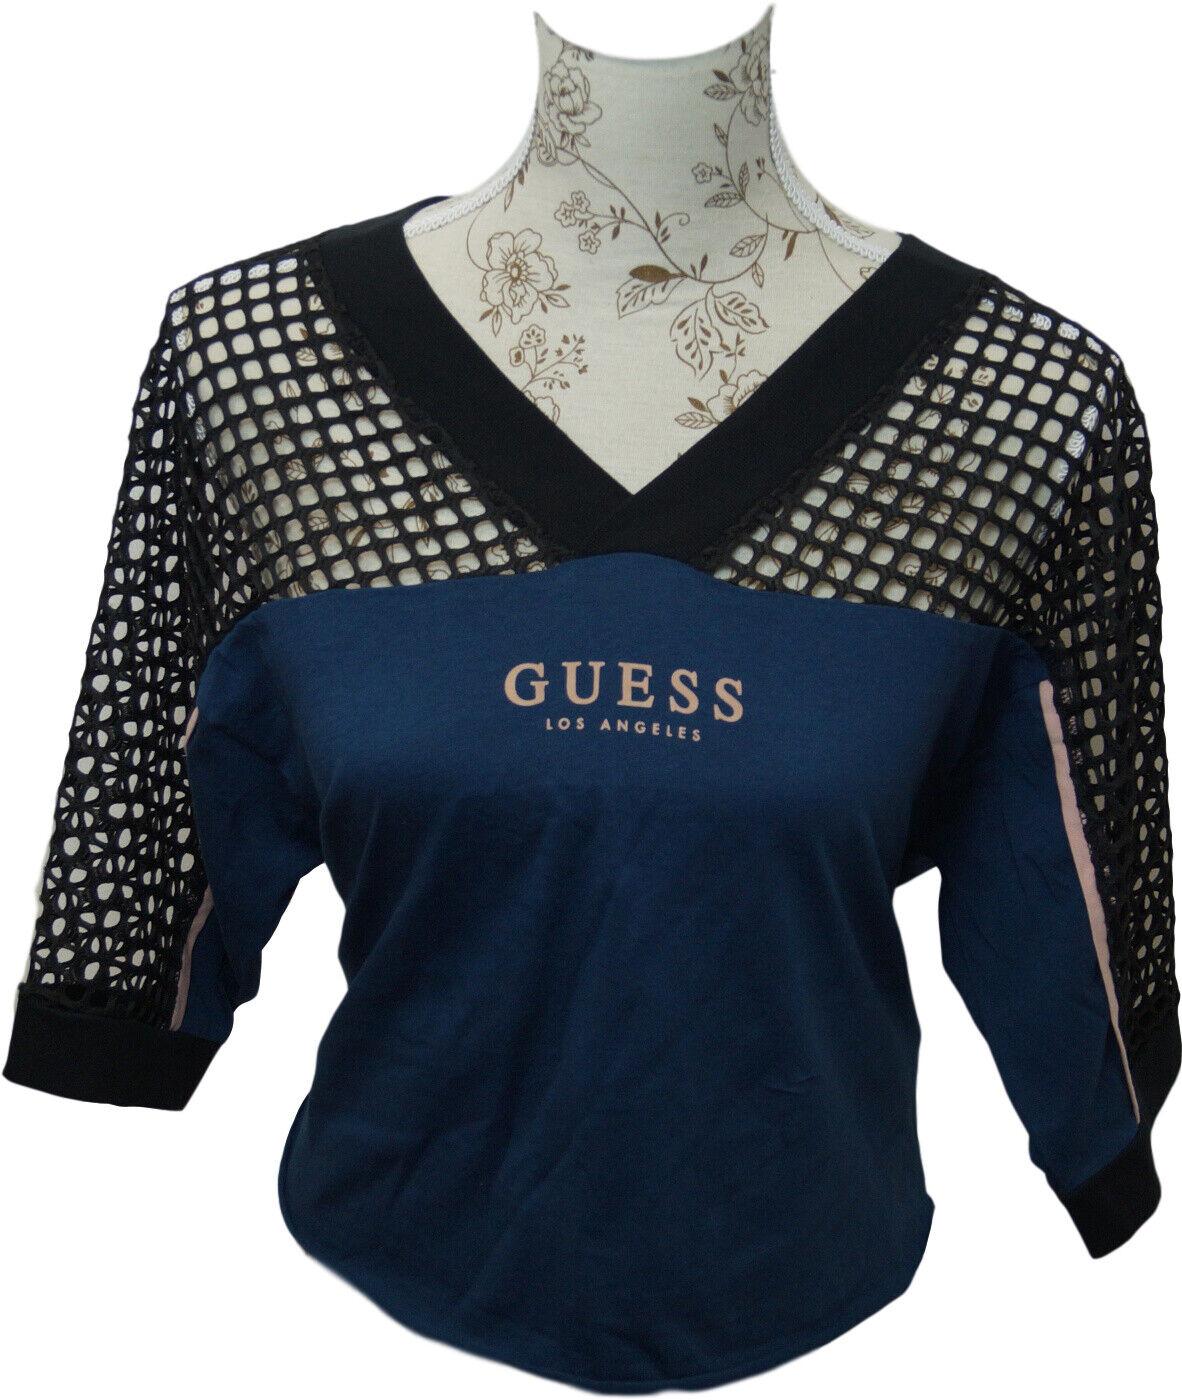 GUESS Sportshirt T-Shirt Print Damen Fitness-Shirt G008